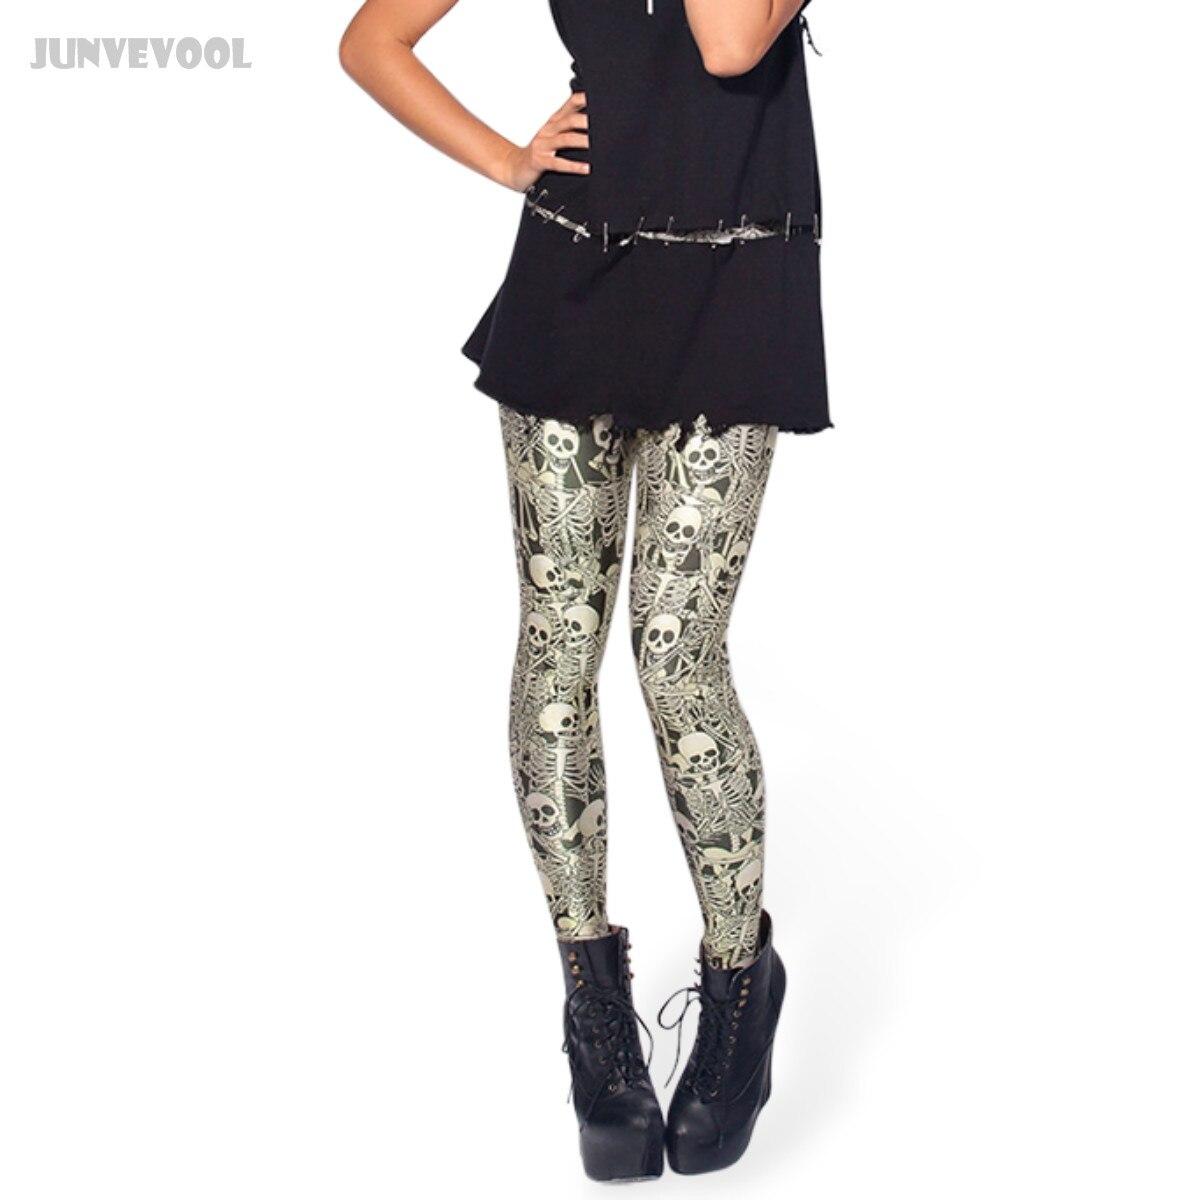 Punk Gothic Clothing Women 3d Skull Leggings White Bone Skeleton Neon Shiny Pants Stretch Legging Seamless Ankle Length Trousers Ankle Length Trousers Stretch Leggingslegging Seamless Aliexpress